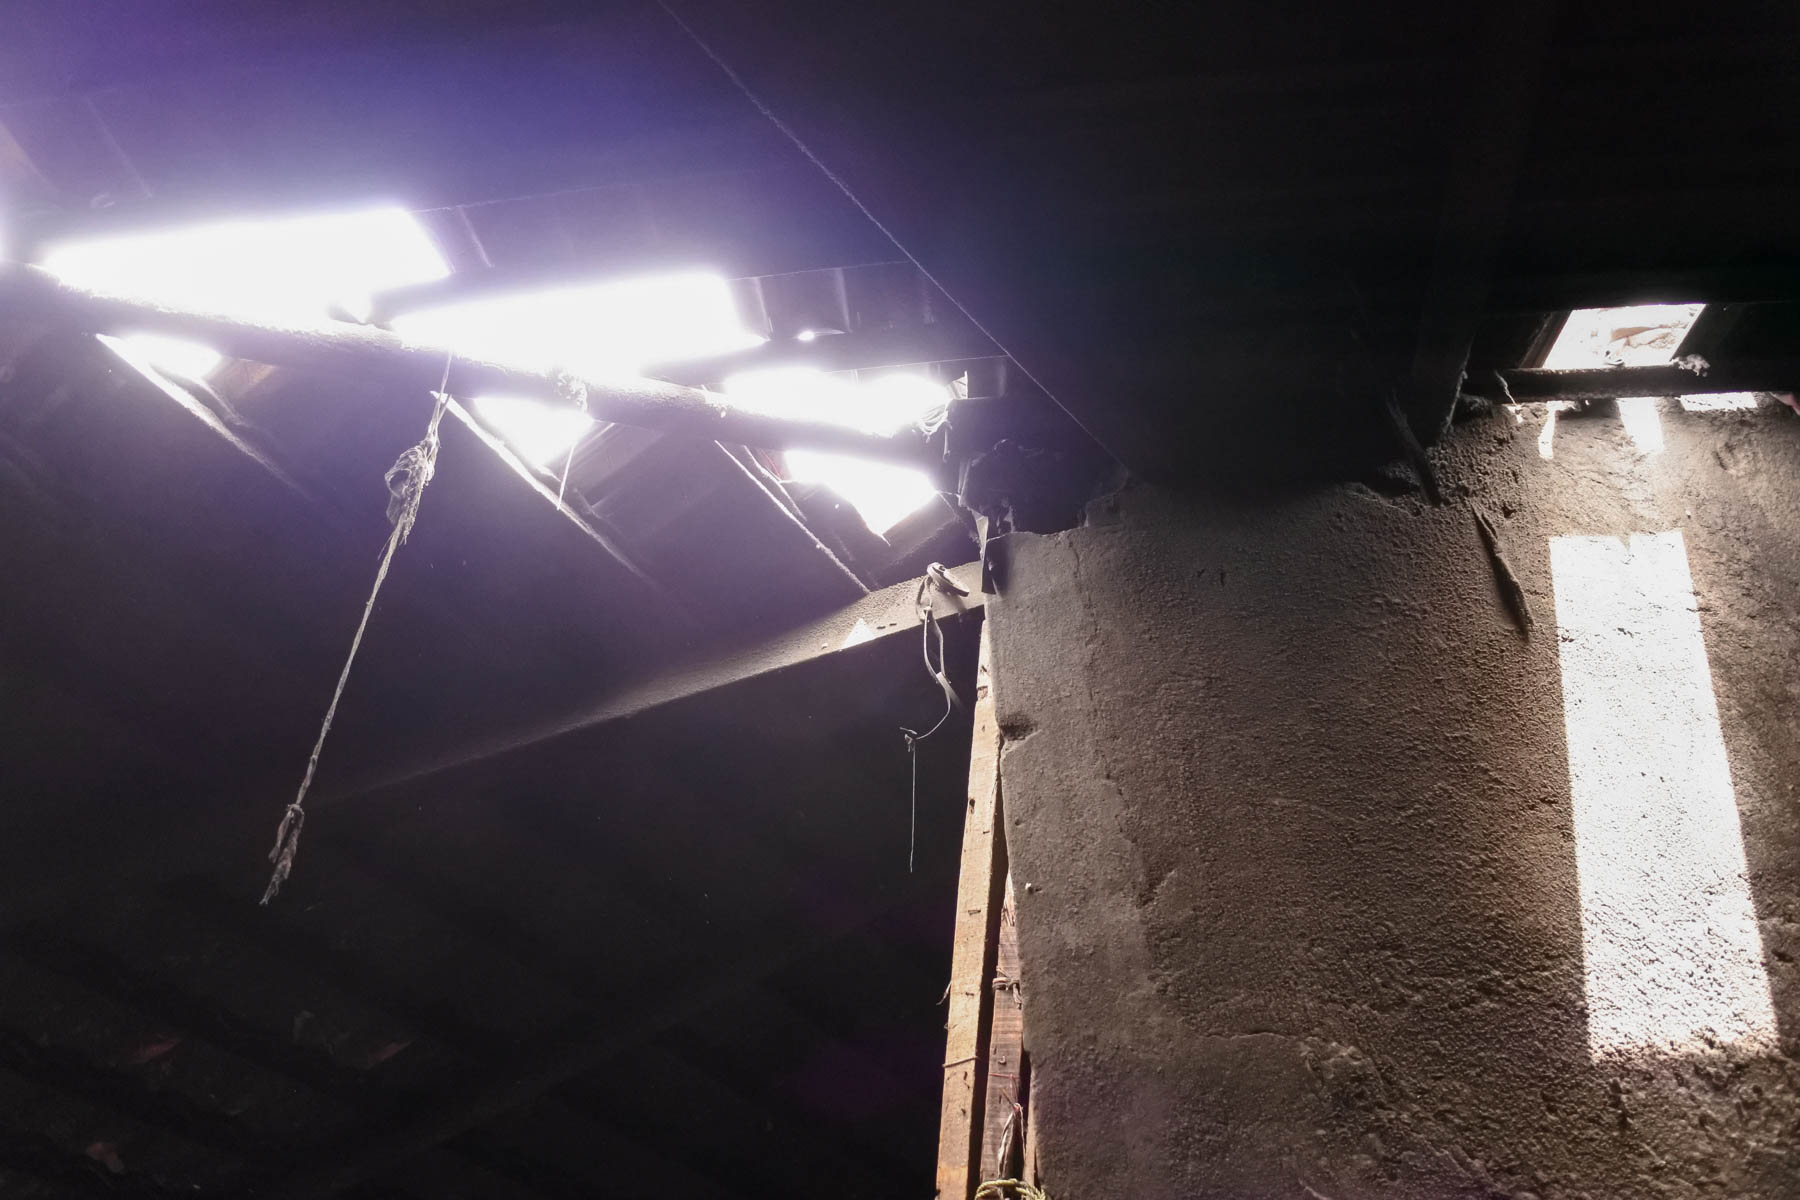 ムンバイ 巨大洗濯工場 ドービーガート 暗いとろこも所々から日が差し込みます